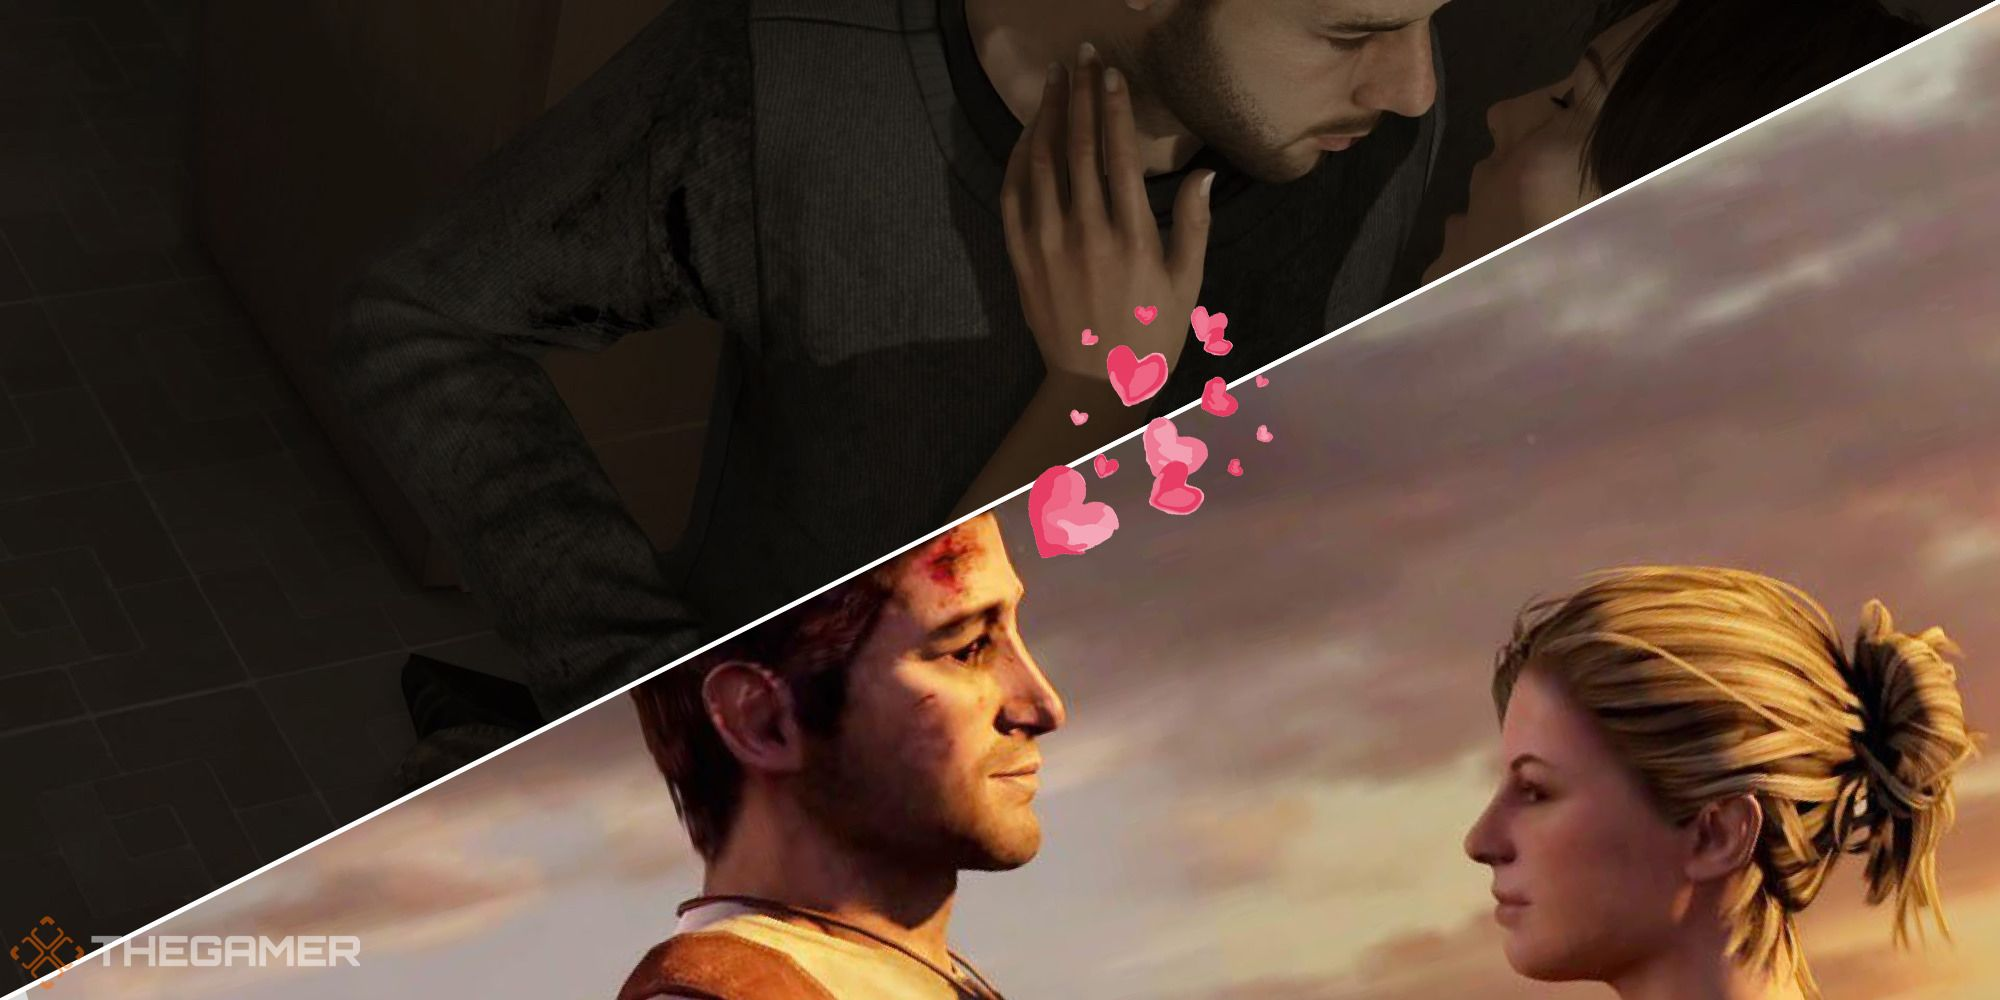 Video romance